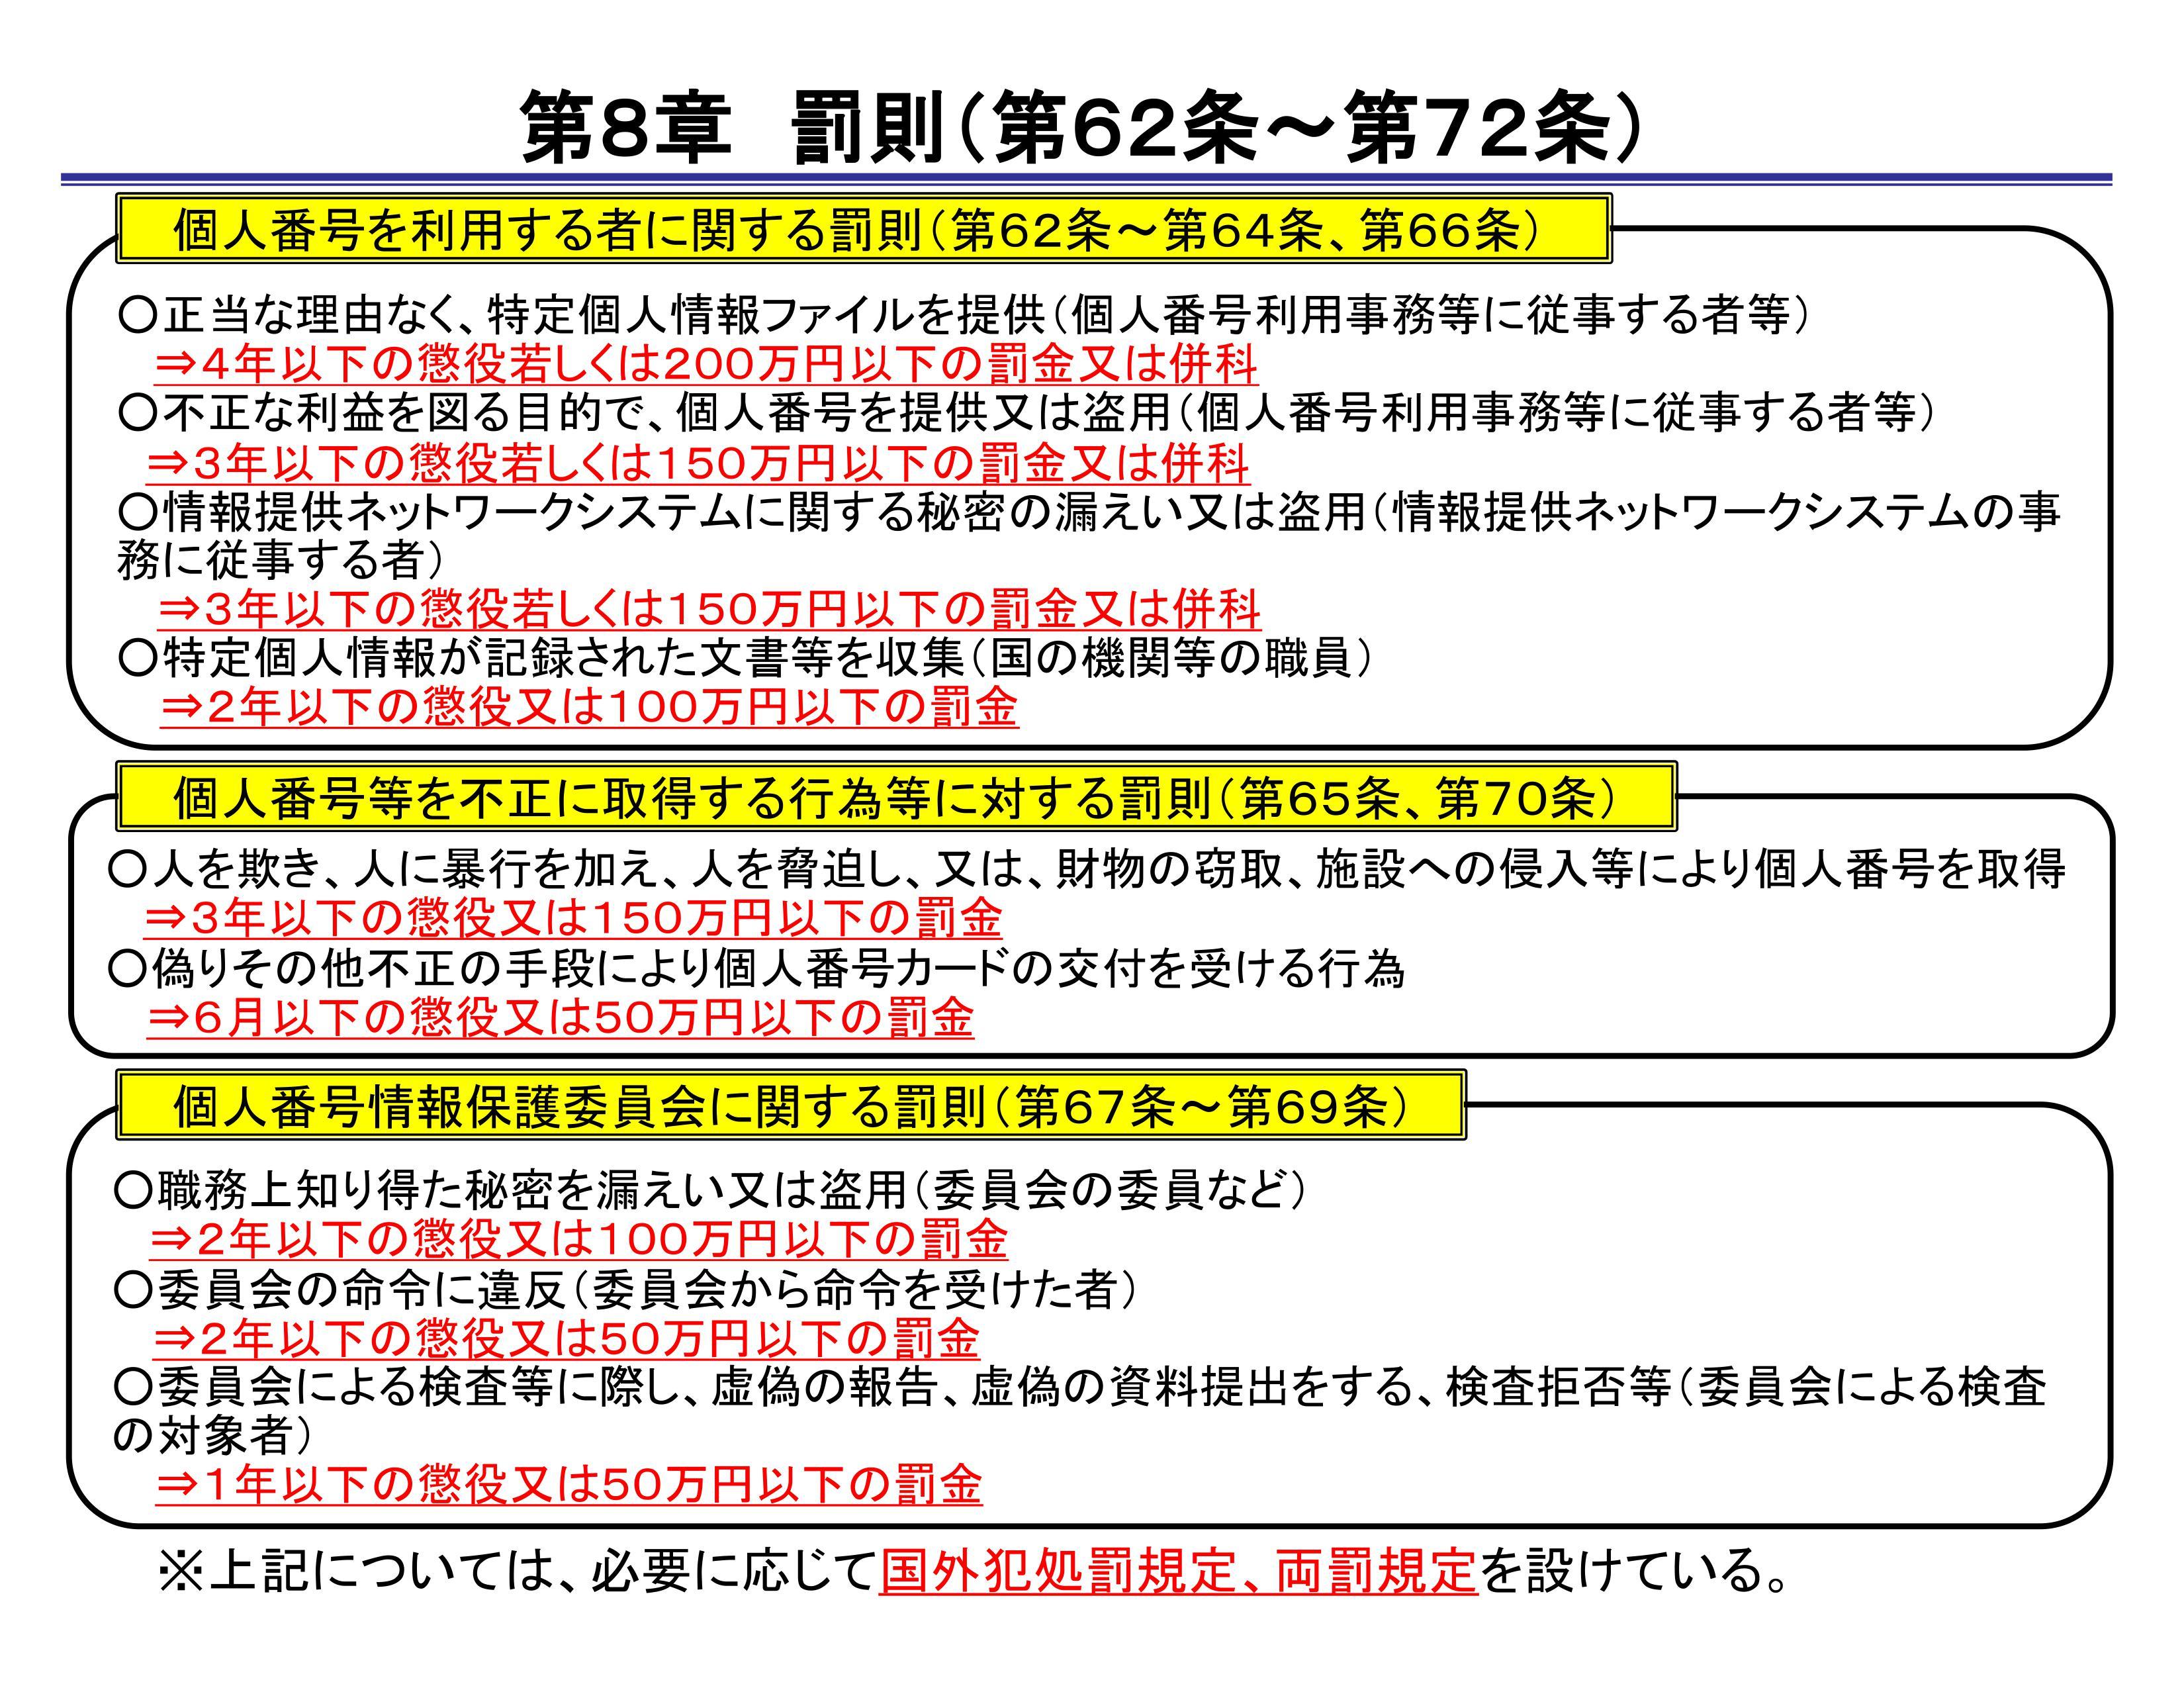 「マイナンバー法案」の概要 - 内閣官房 p9